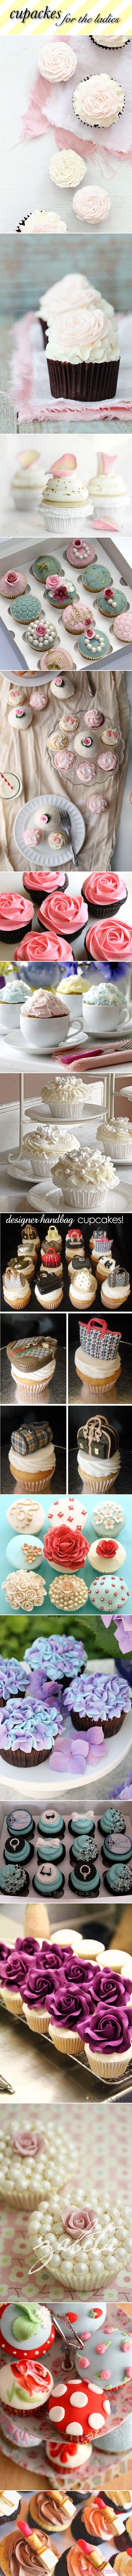 Quem, REPITO, quem não ama cupcakes? Como não ama-los? Com o sucesso do nosso sorteio, comecei a reunir algumas inspirações de cupcakes lindos, fofos ou divertidos. Tem pra todos os gostos e ocasiõ…